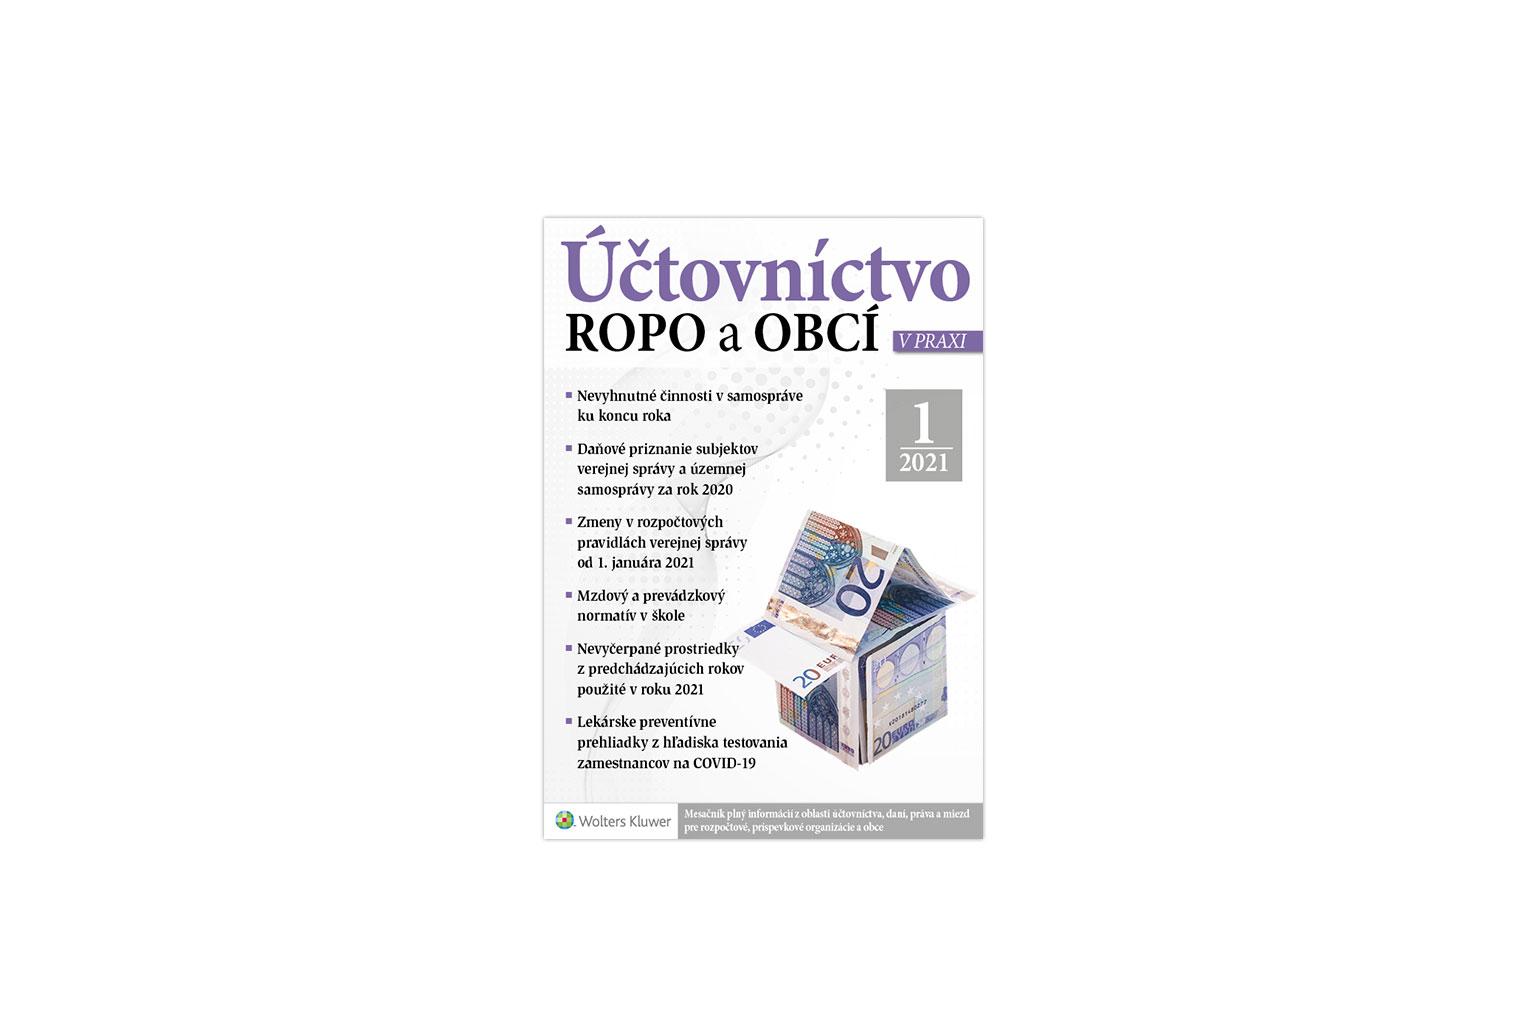 Účtovníctvo ROPO